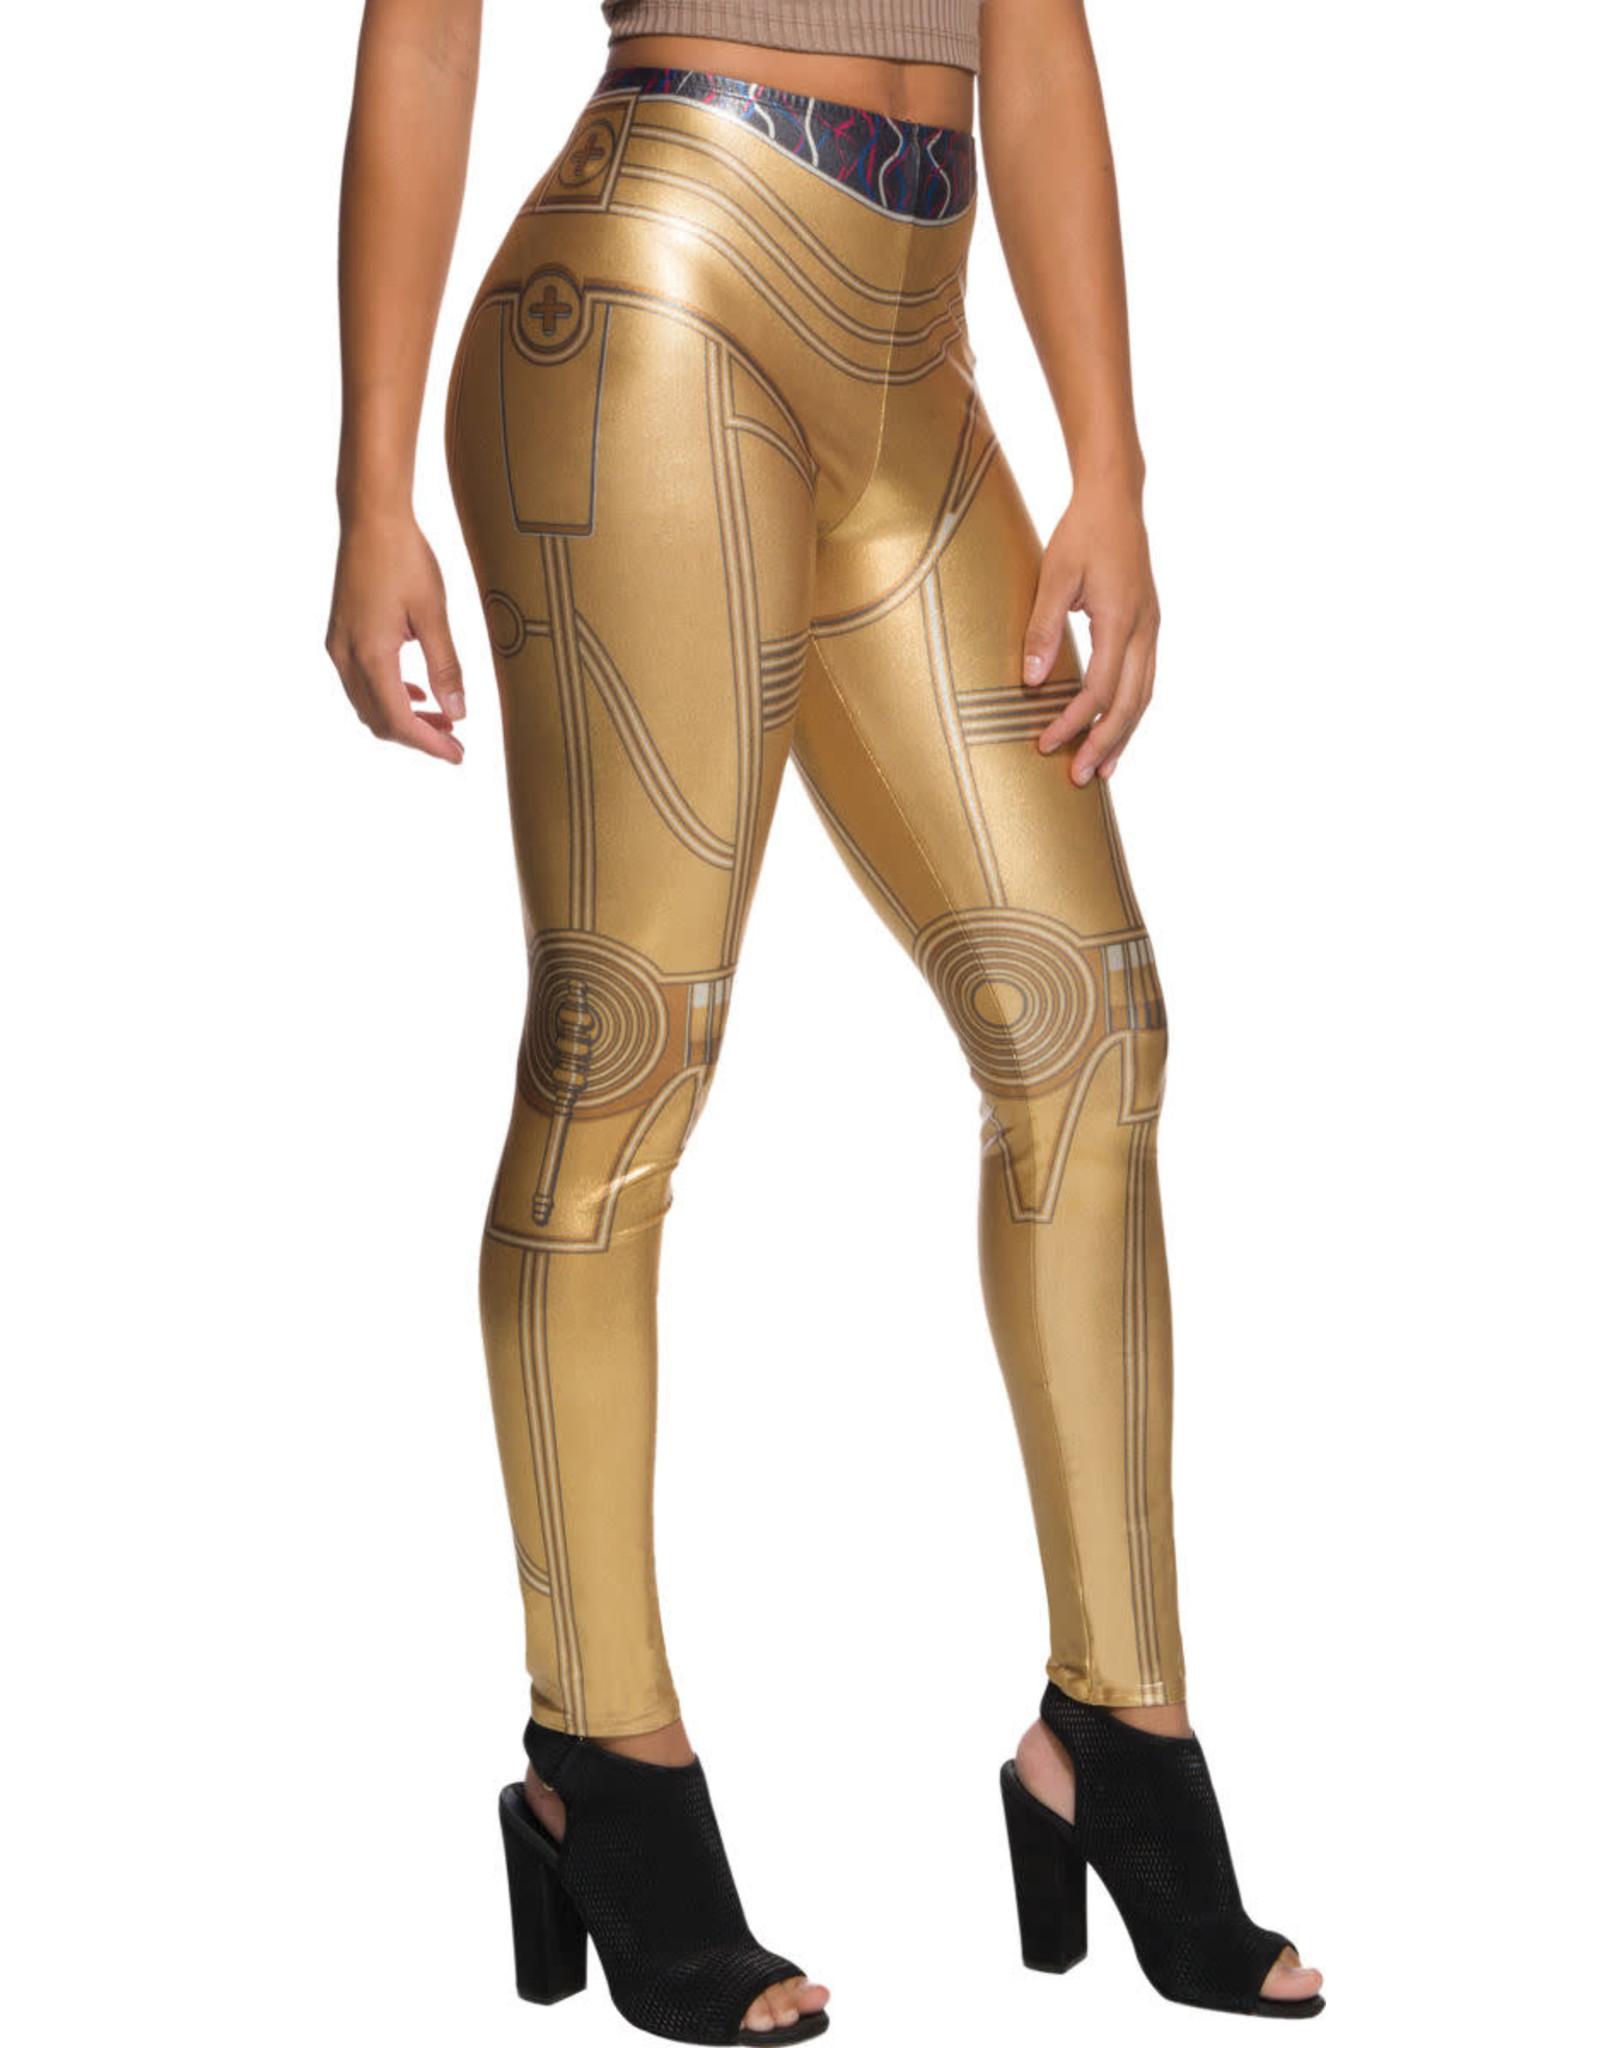 Rubies Costume C-3PO leggings